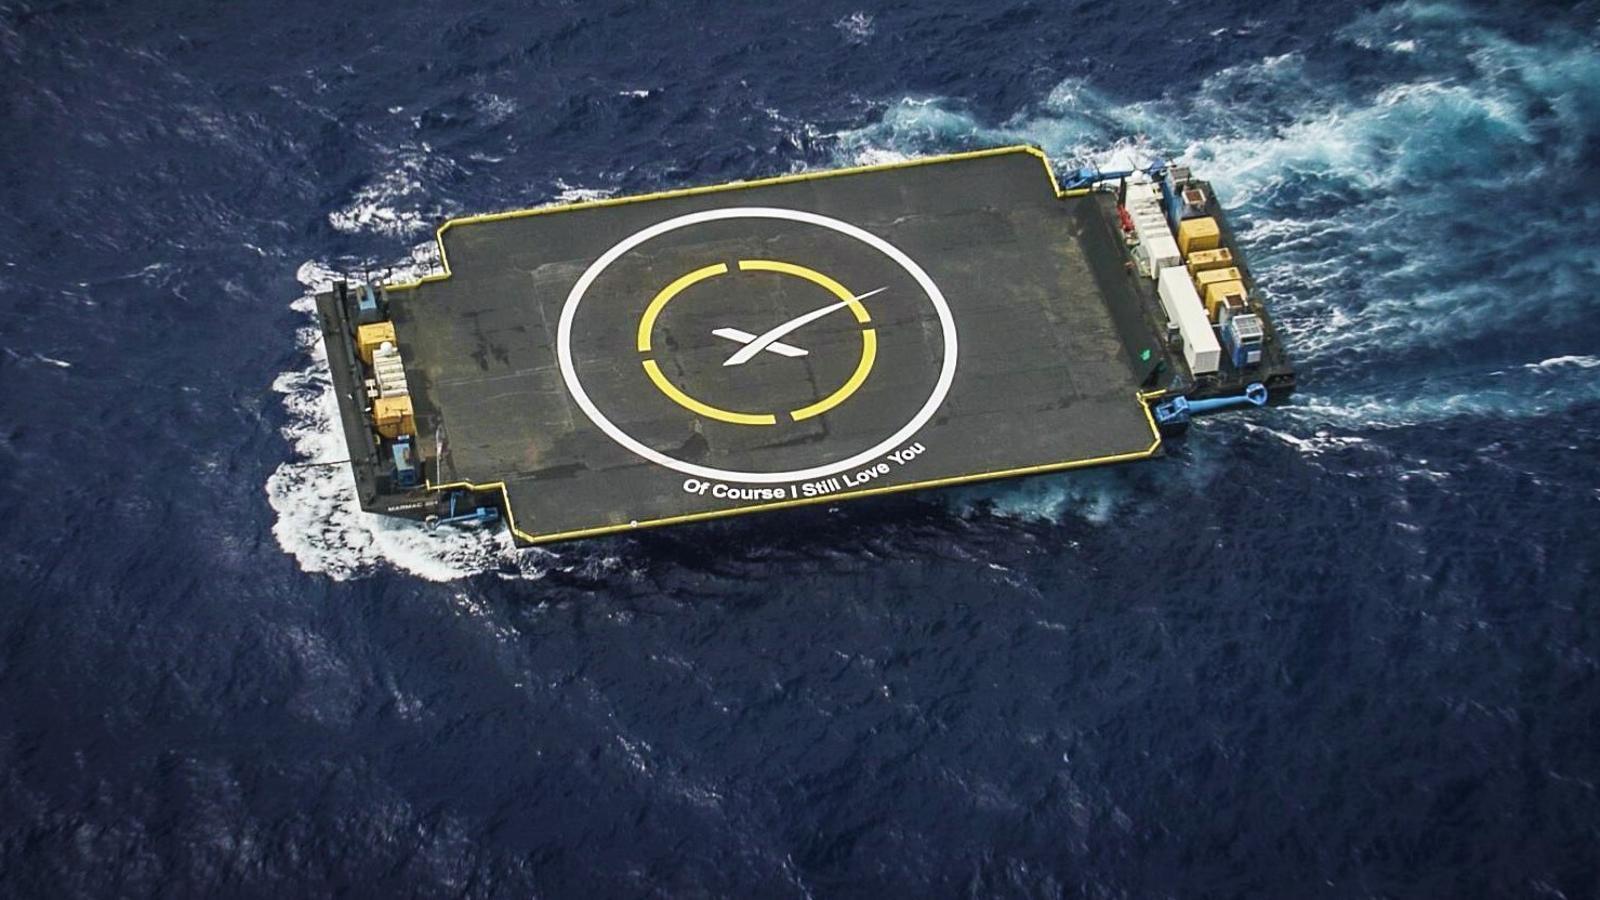 Una imatge de la plataforma 'Of course, I still love you', batejada amb aquest nom per decisió personal d'Elon Musk